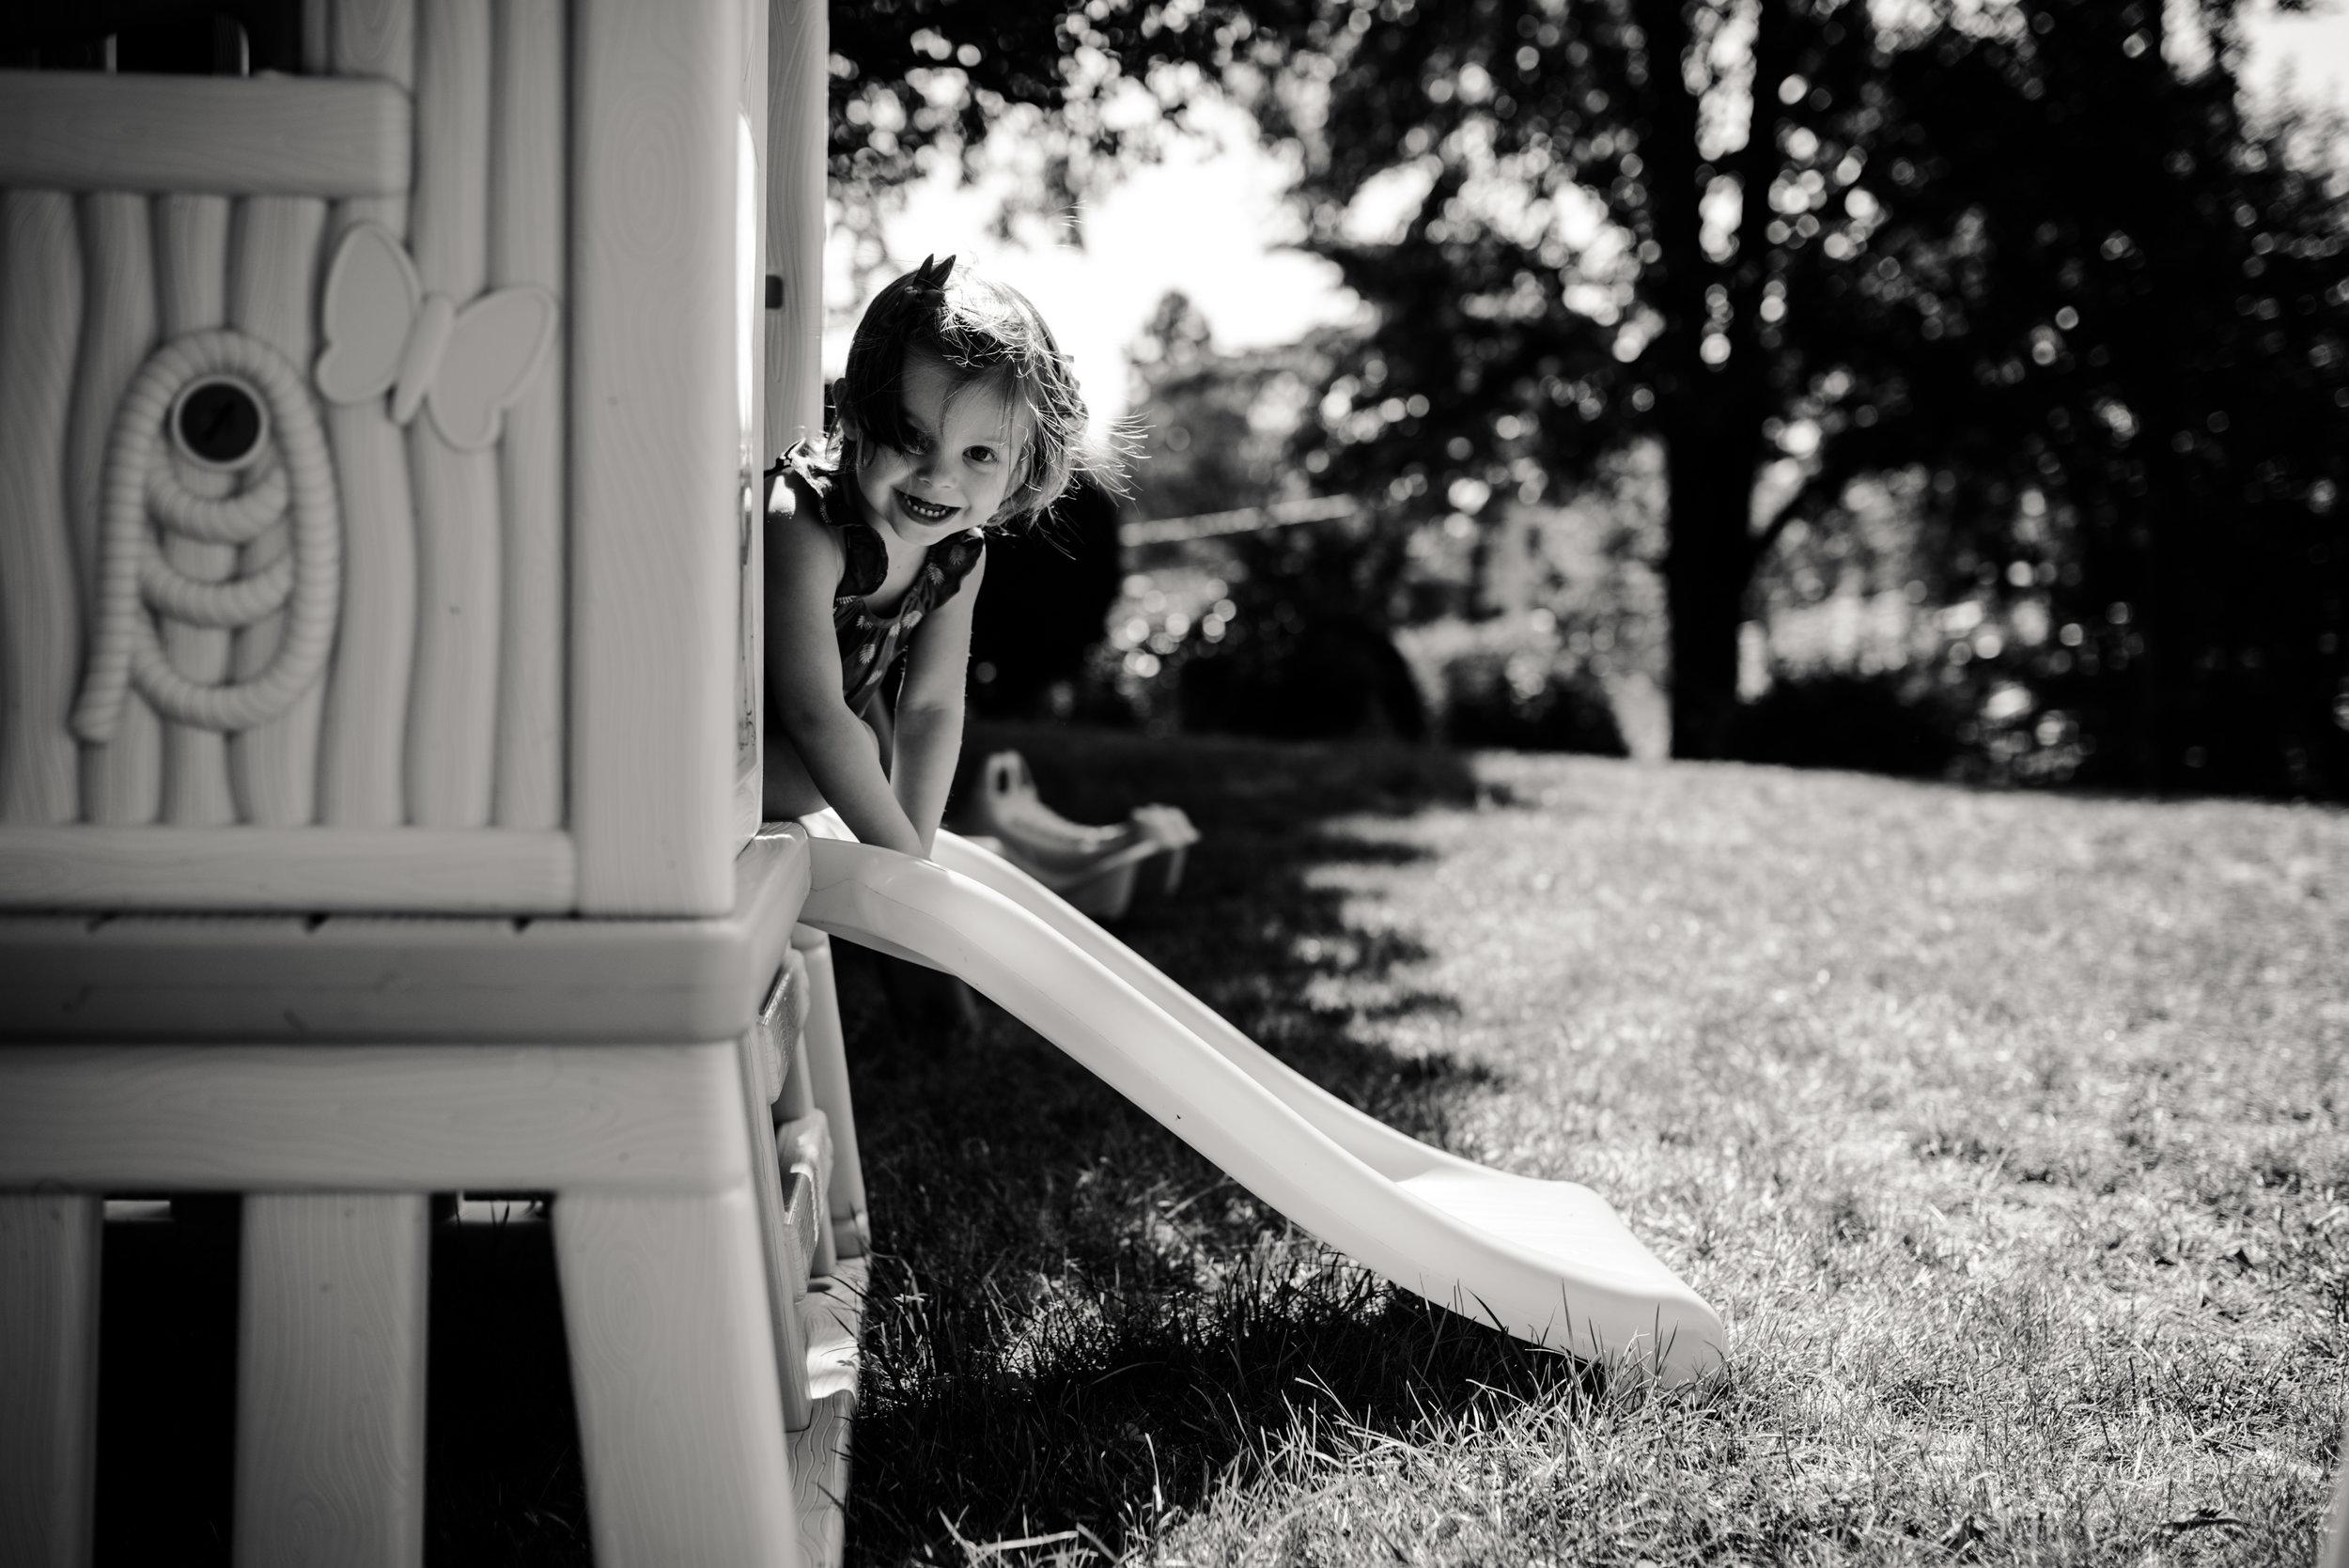 Léa-Fery-photographe-professionnel-lyon-rhone-alpes-portrait-creation-mariage-evenement-evenementiel-famille-5038.jpg